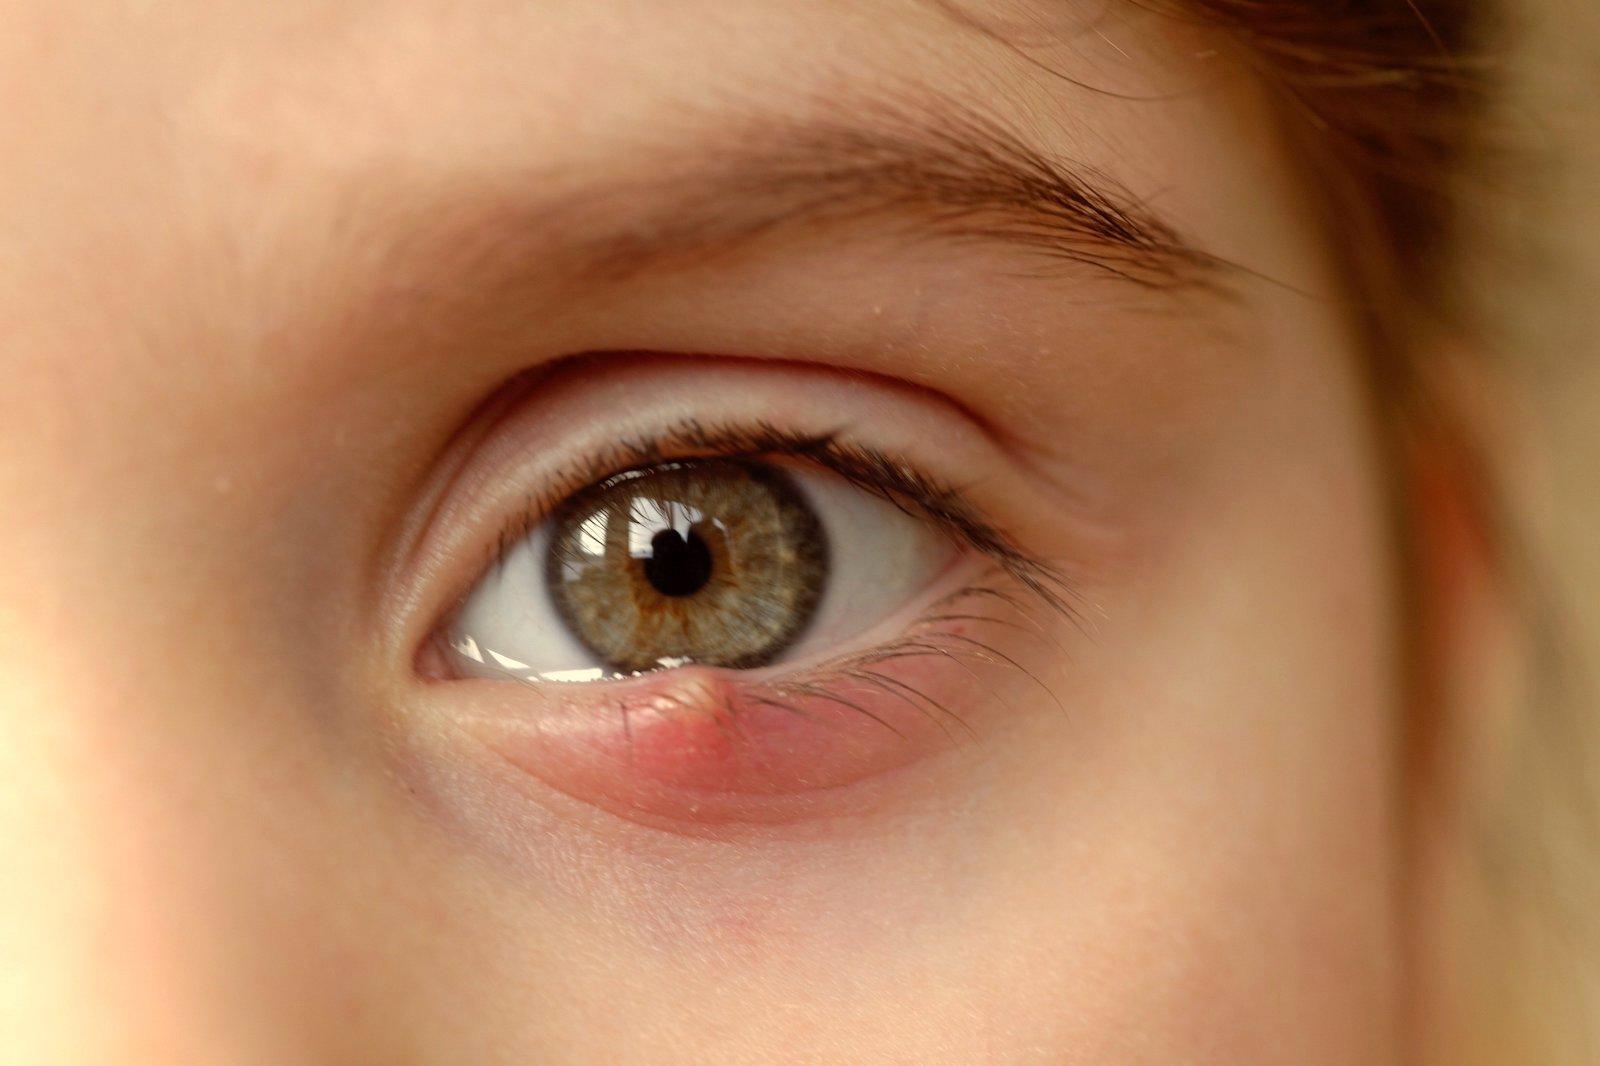 Oare cineva și-a restabilit viziunea complet vedere încețoșată din cauza lipsei de vitamine